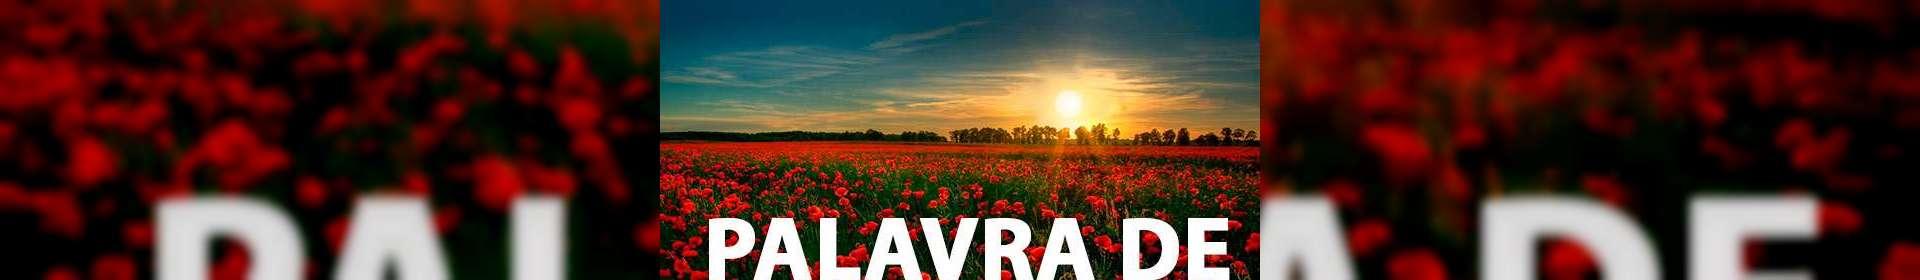 Salmo 105:40-45 - Uma Palavra de Esperança para sua vida